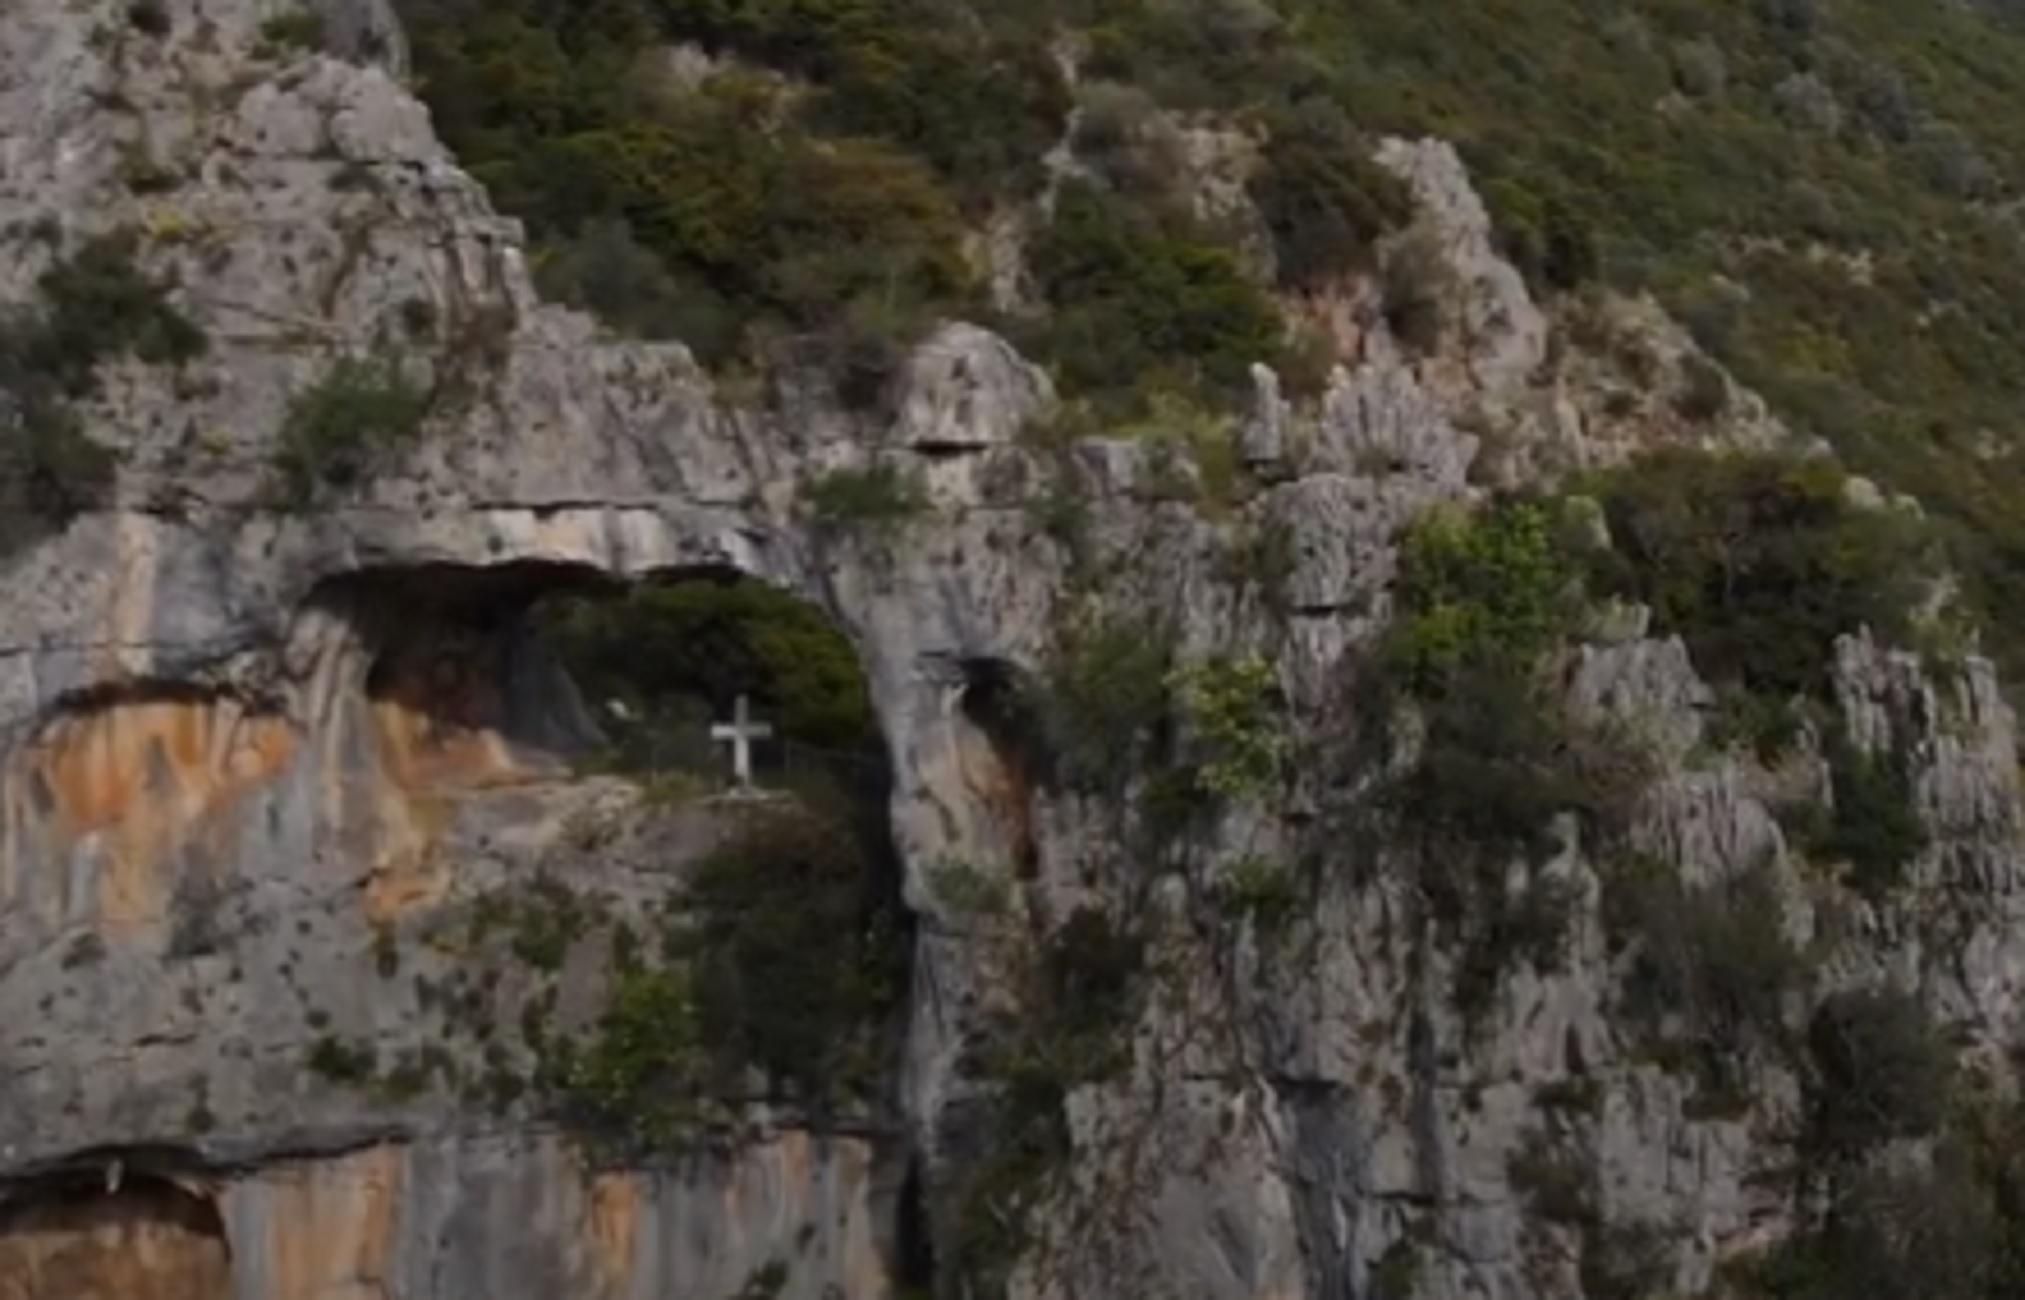 Άγιος Γεώργιος: Ο θρύλος πίσω από αυτές τις εκπληκτικές εικόνες στην παλιά εθνική οδό (video)